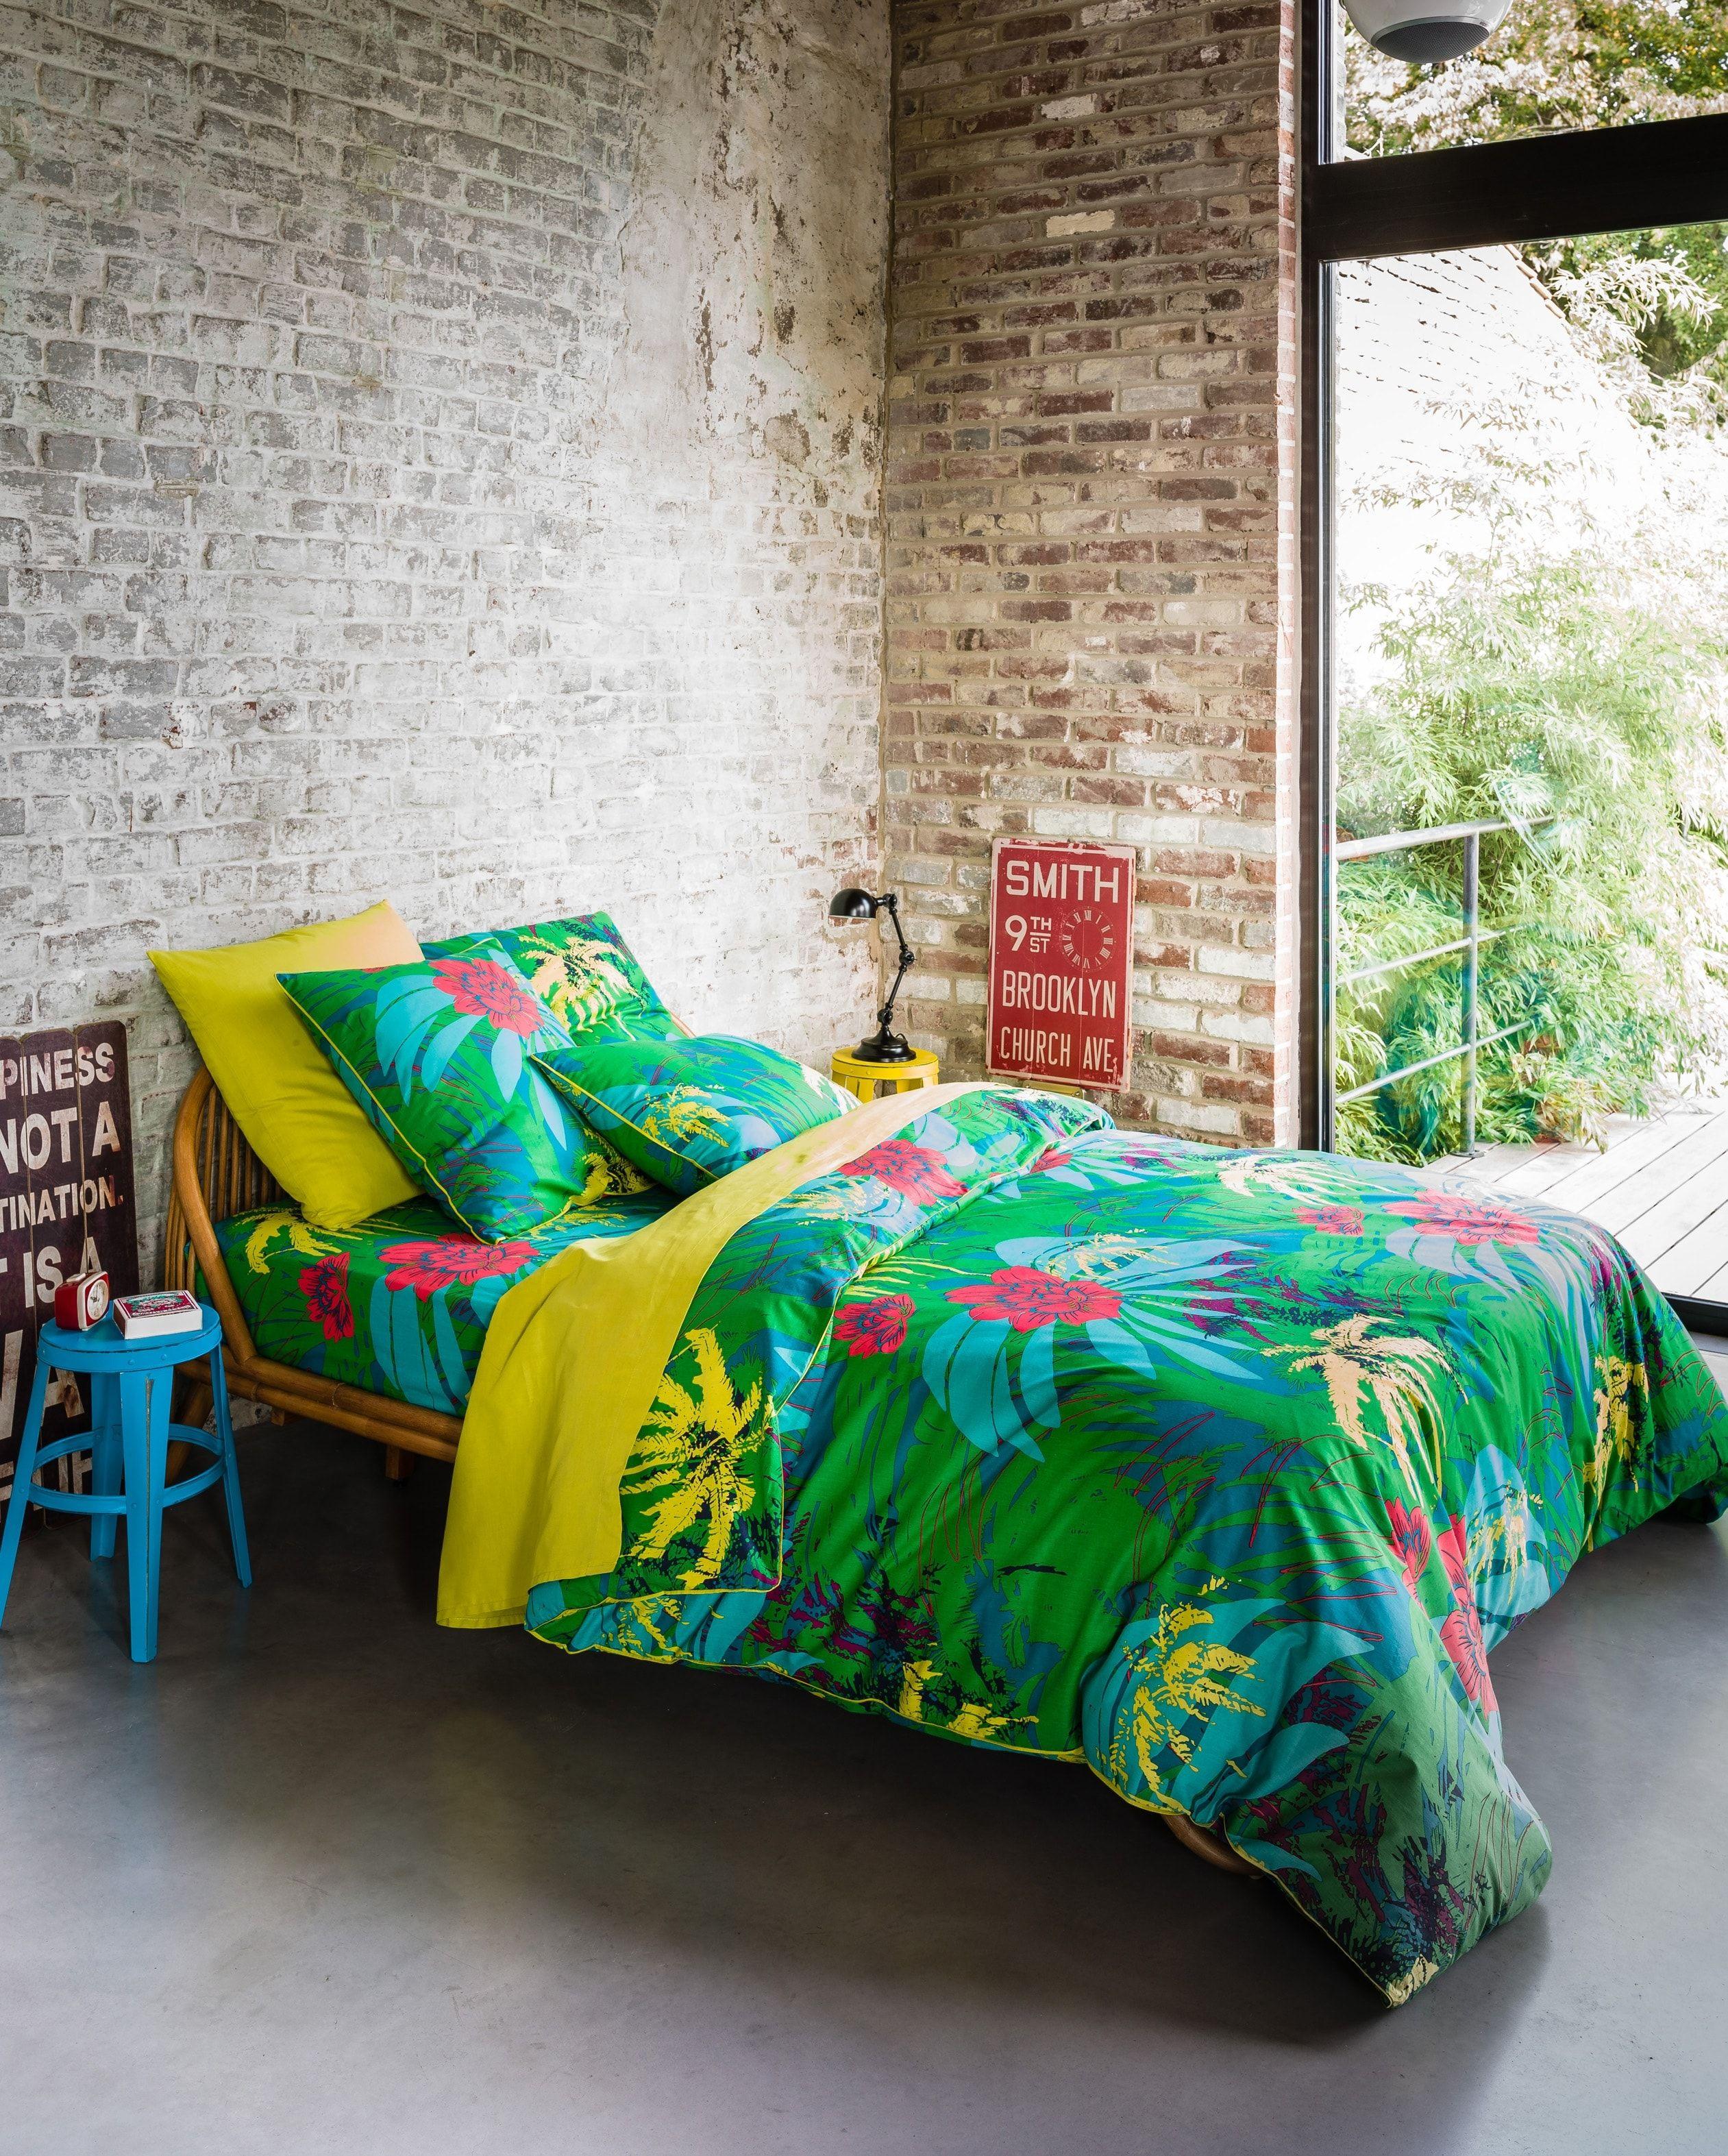 linge de lit la redoute Linge de lit Carioca de La Redoute | maison | Pinterest linge de lit la redoute